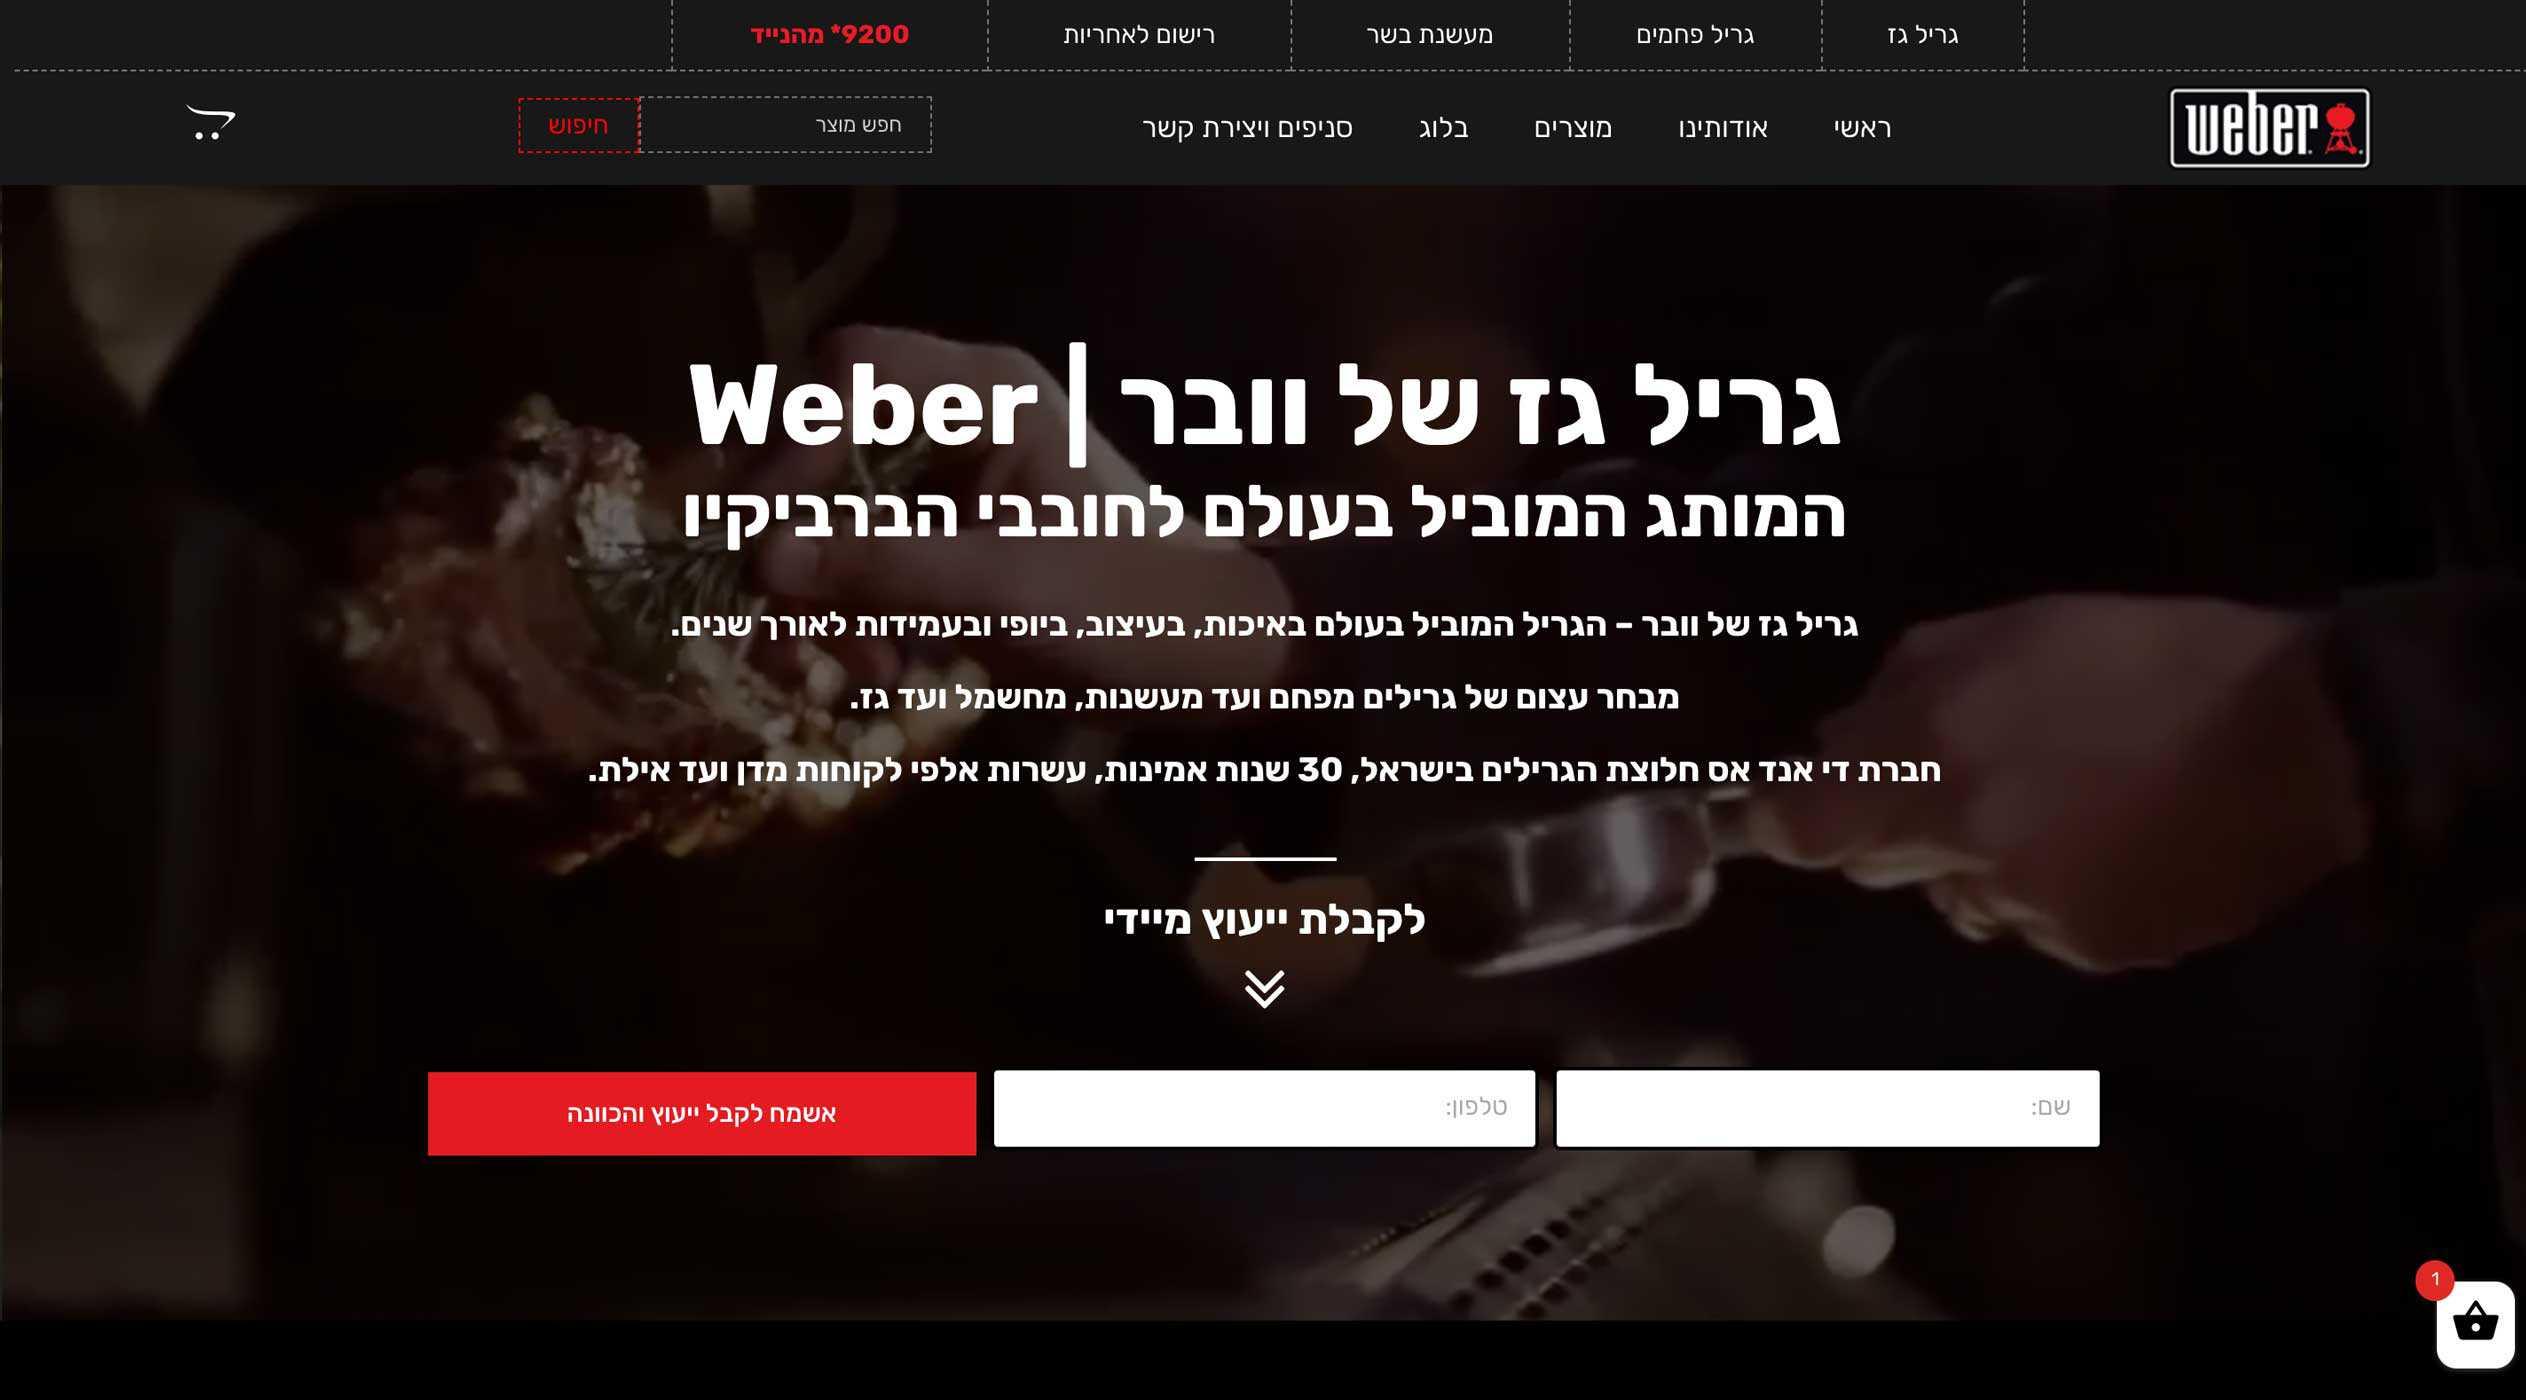 weber.co.il_web